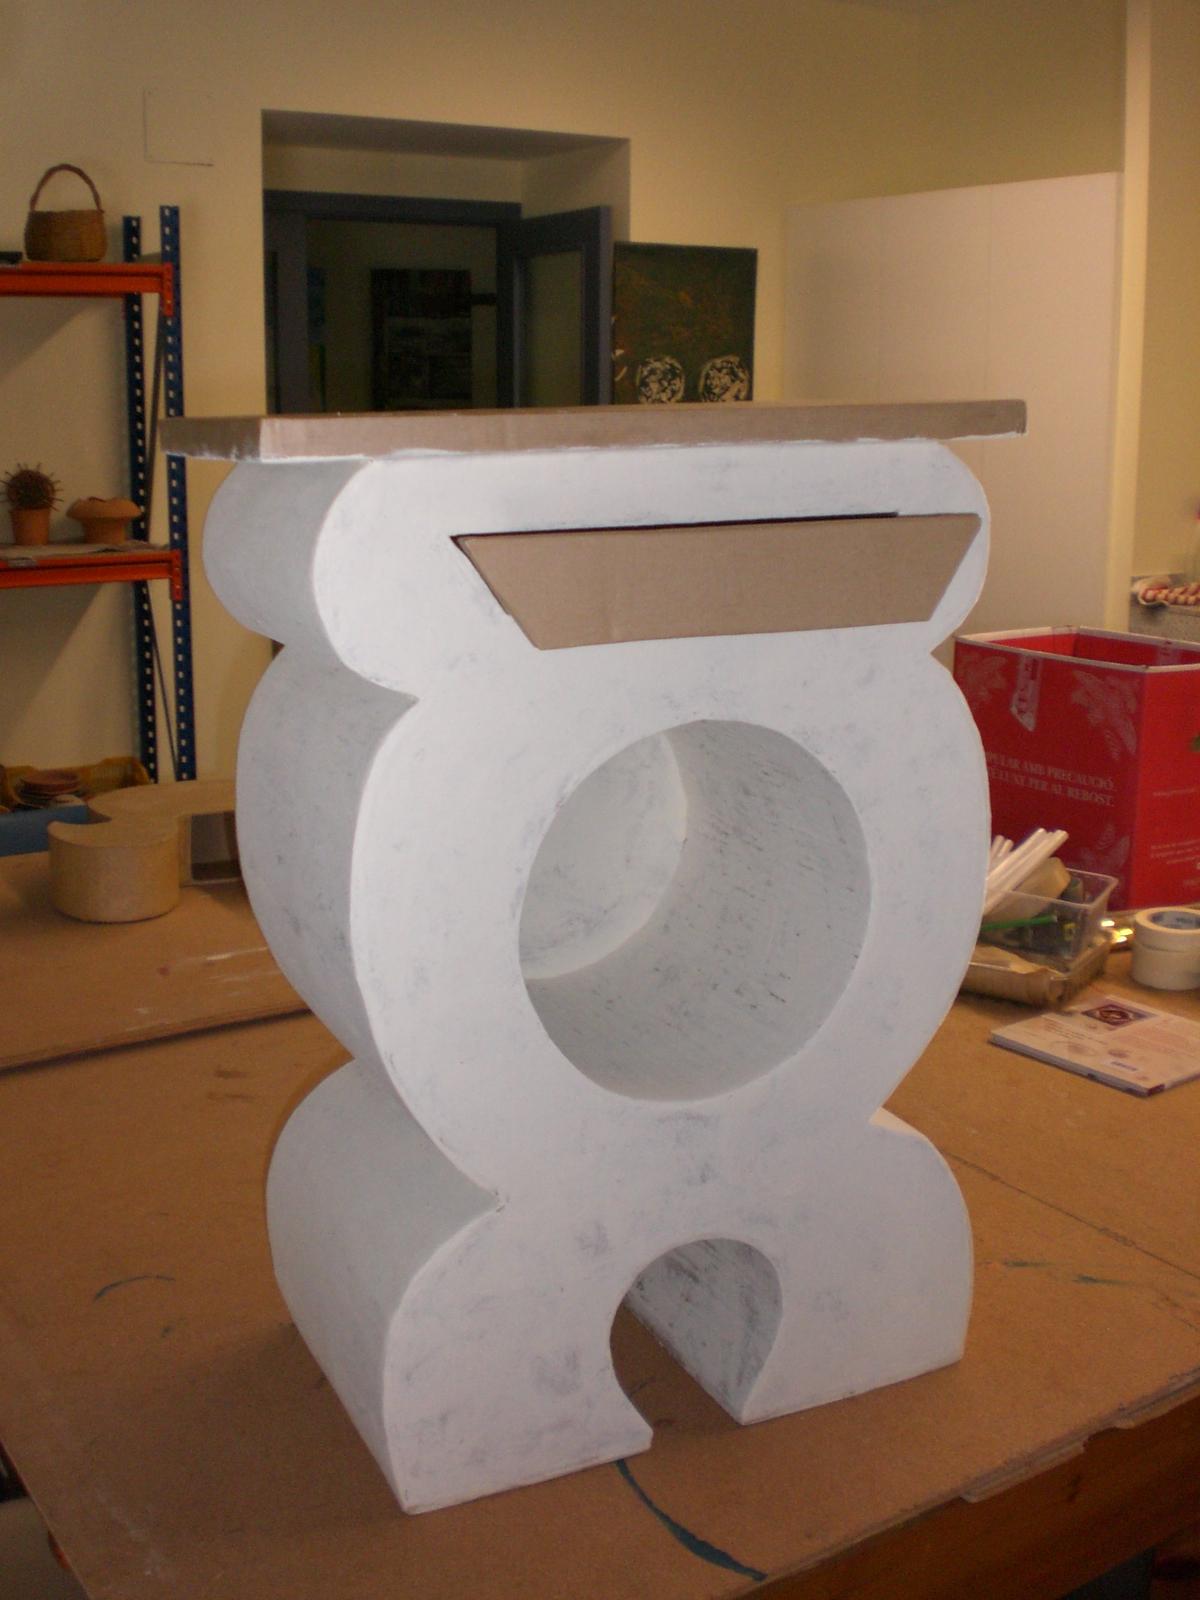 El mundo loco del carton el mueble redondo - Imagenes de muebles de carton ...